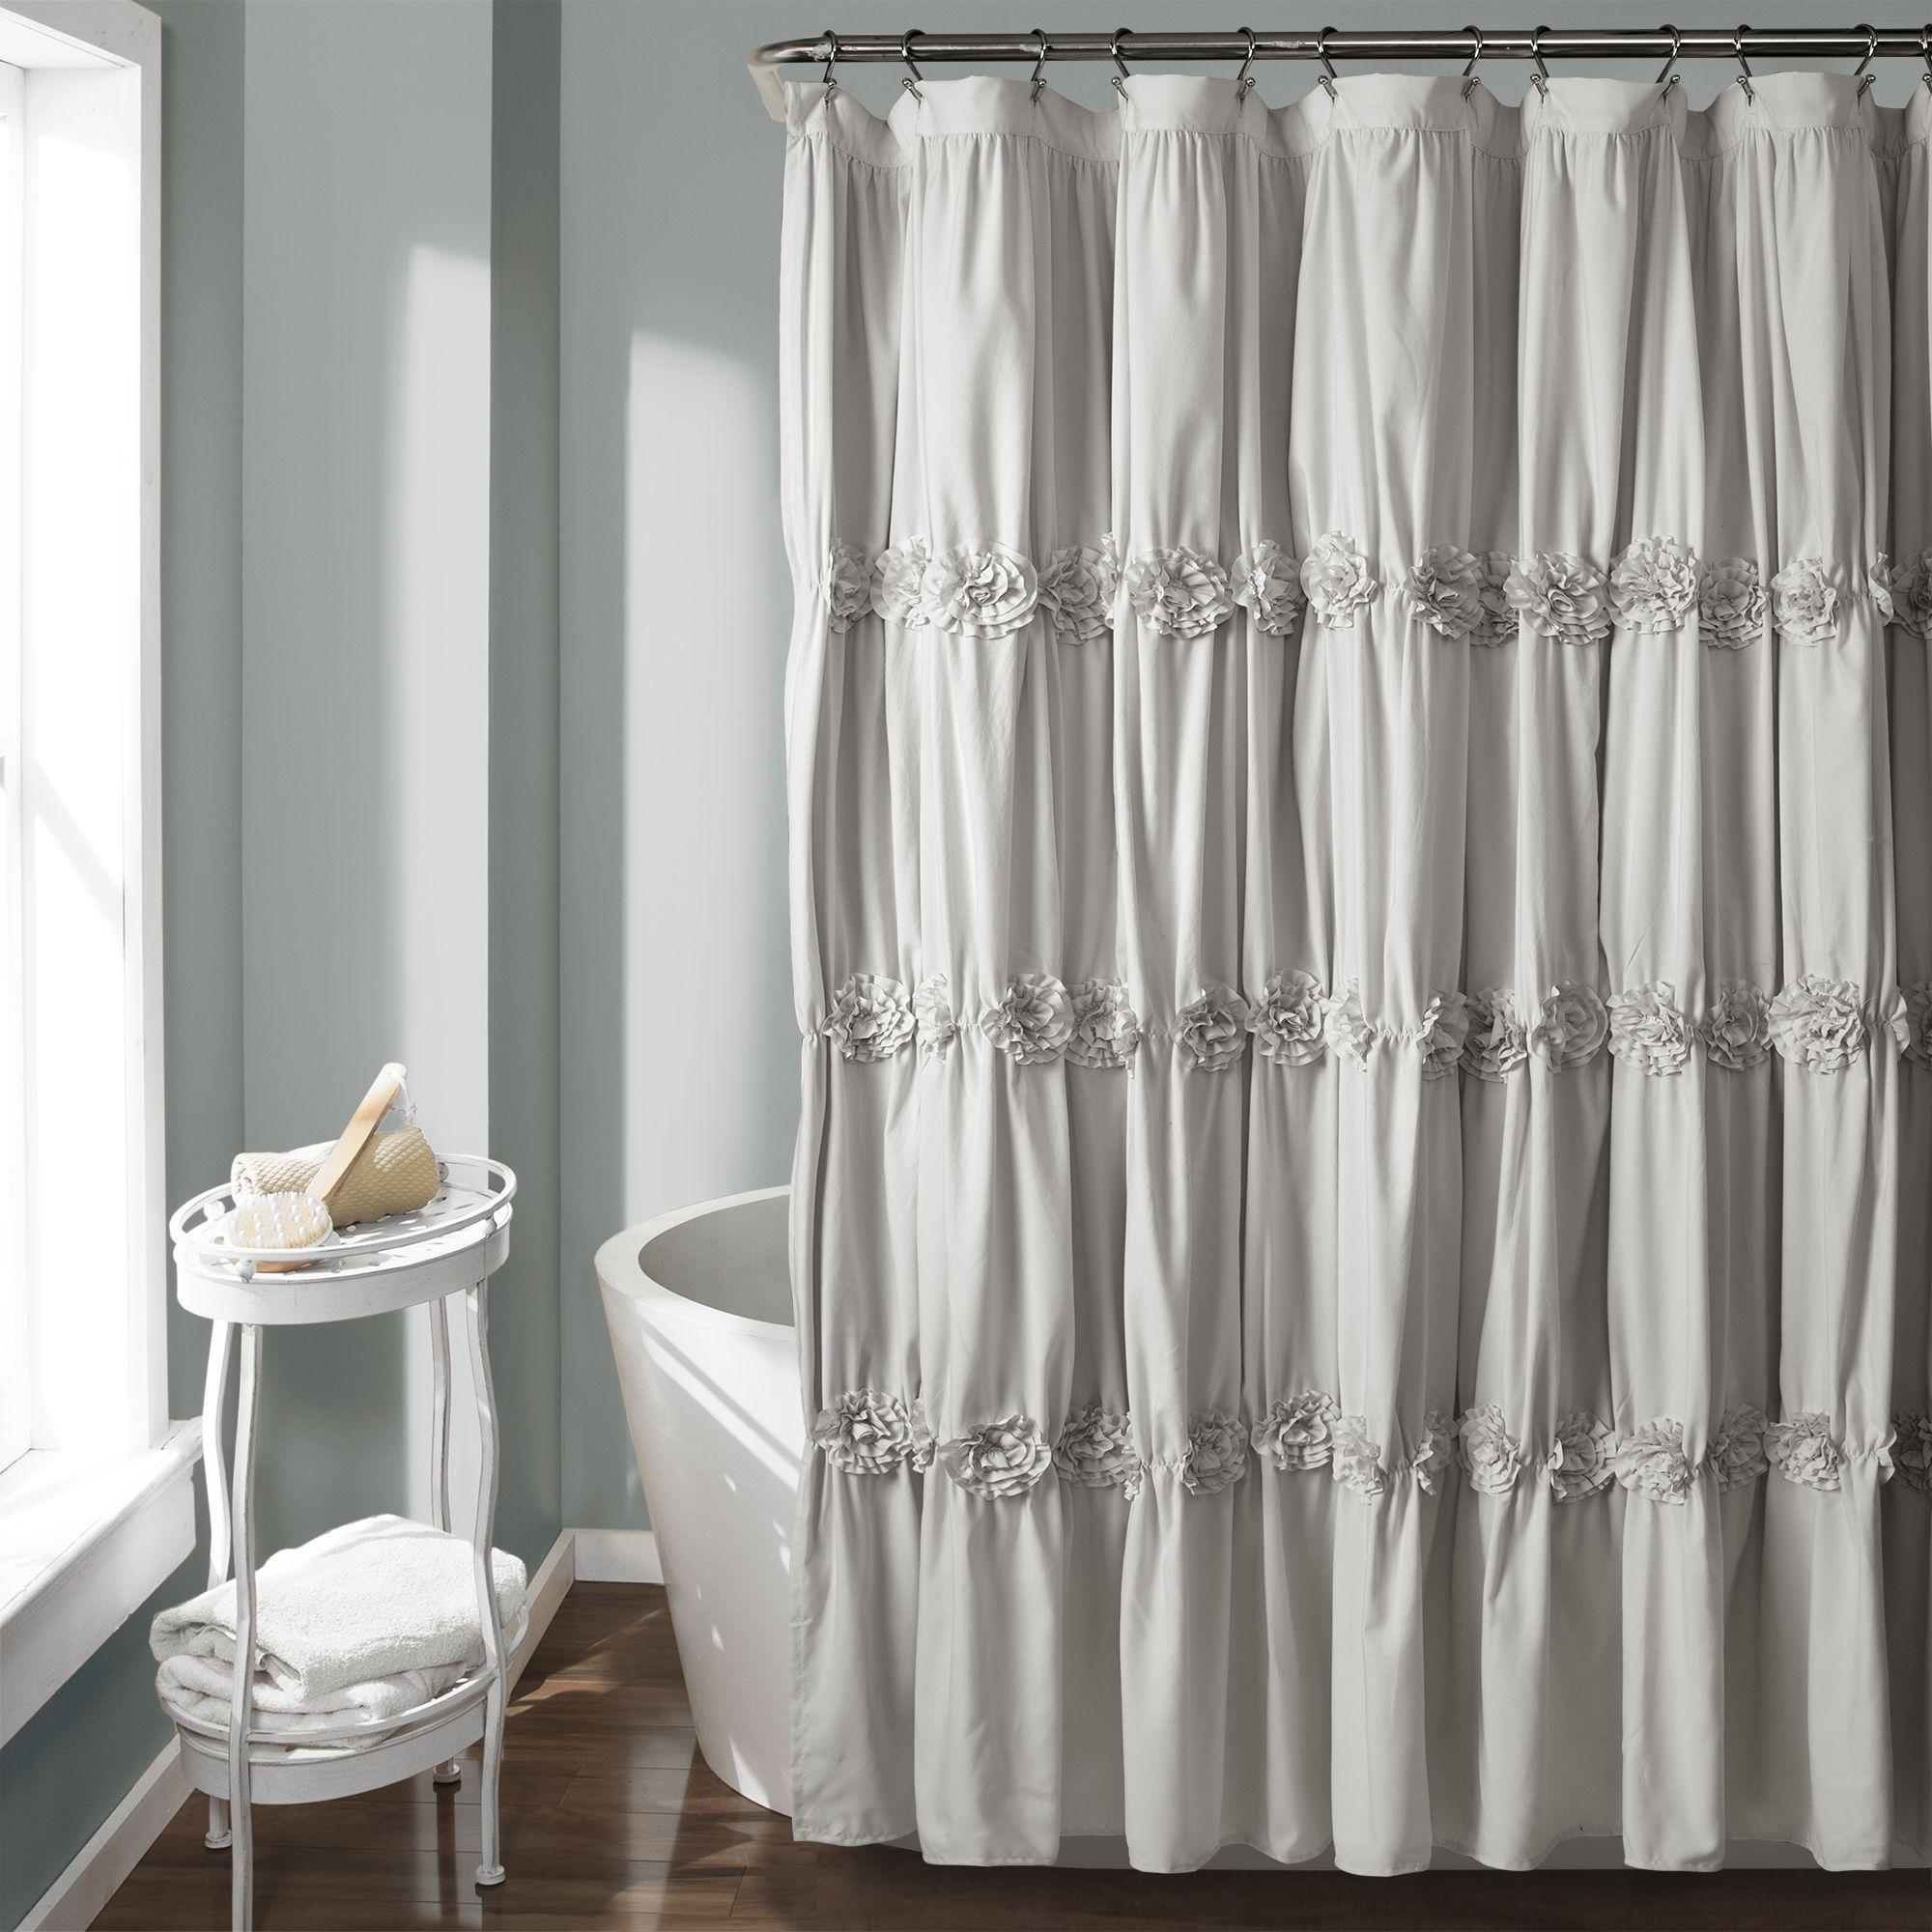 Darla Shower Curtain Fabric Shower Curtains Ruffle Shower